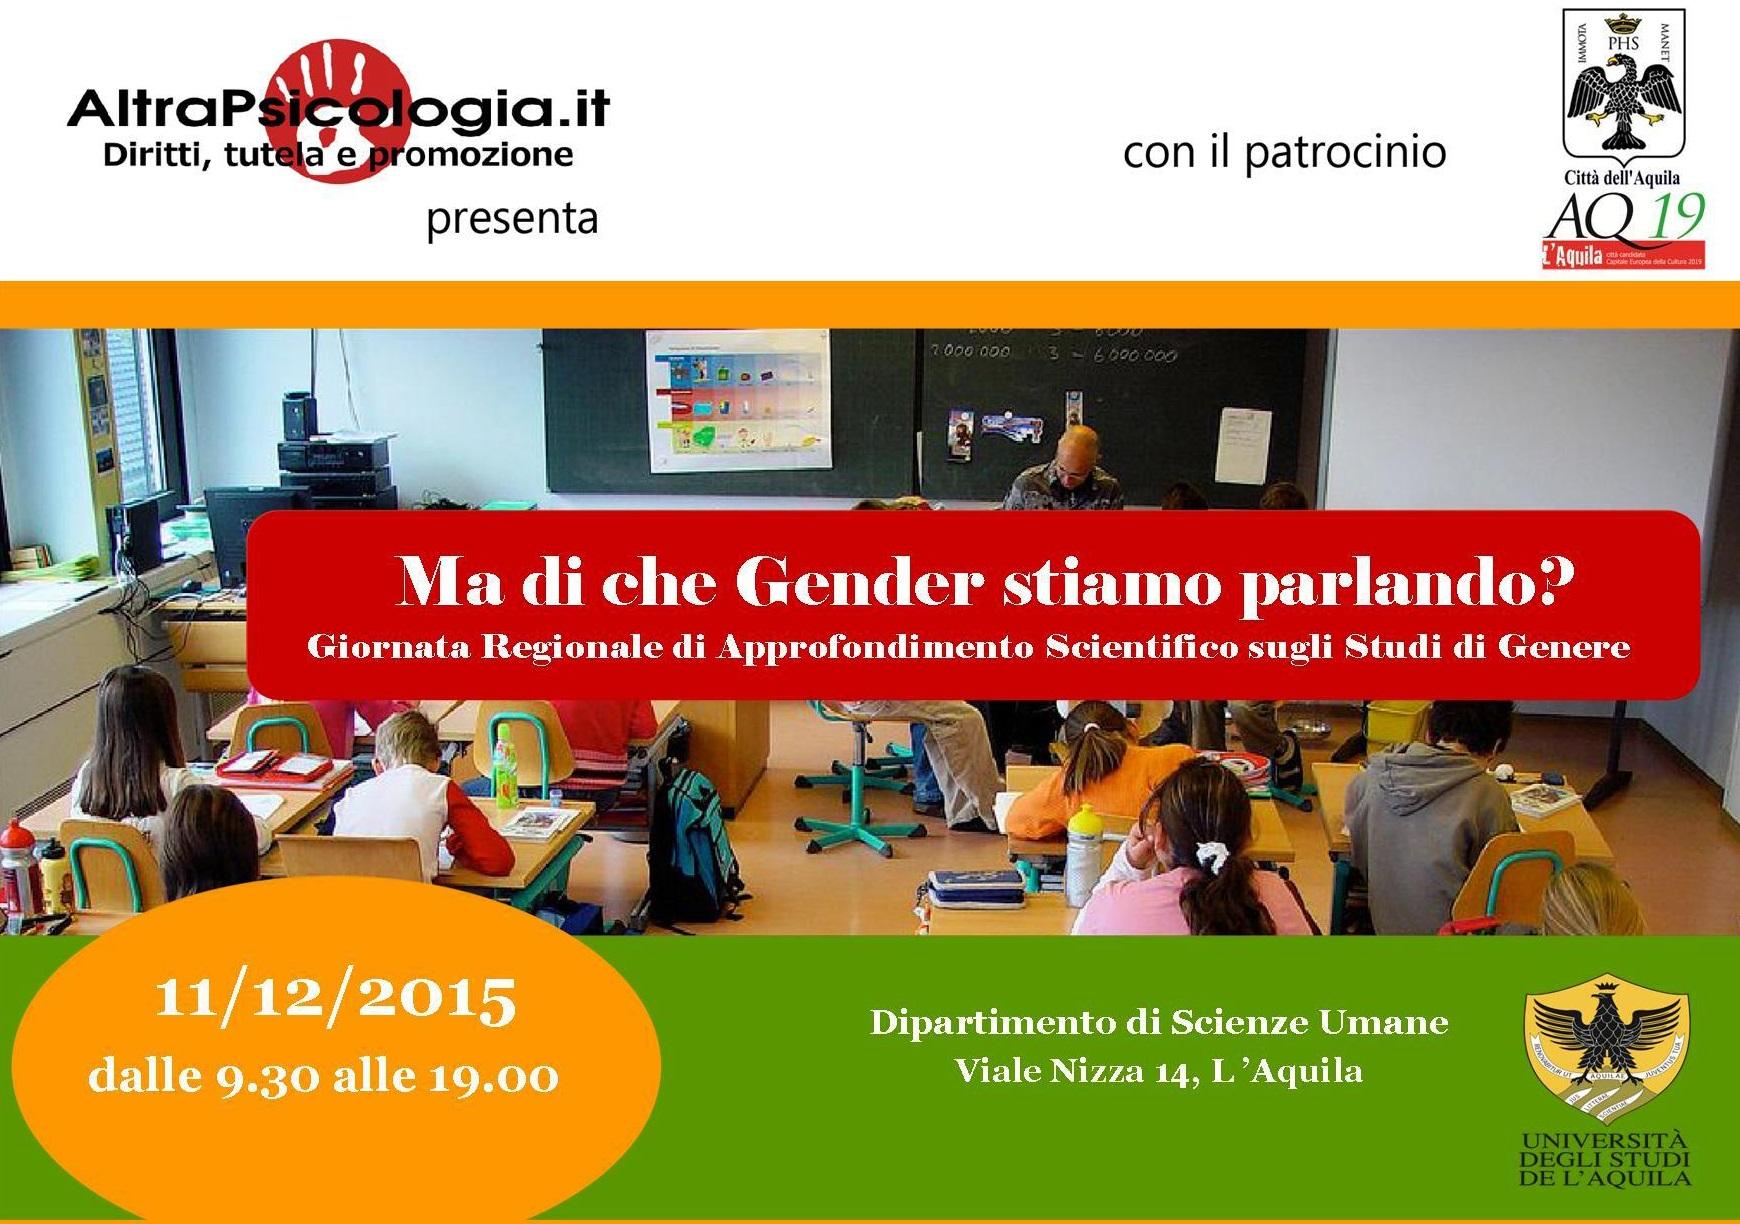 E in Abruzzo: di che Gender stiamo parlando?